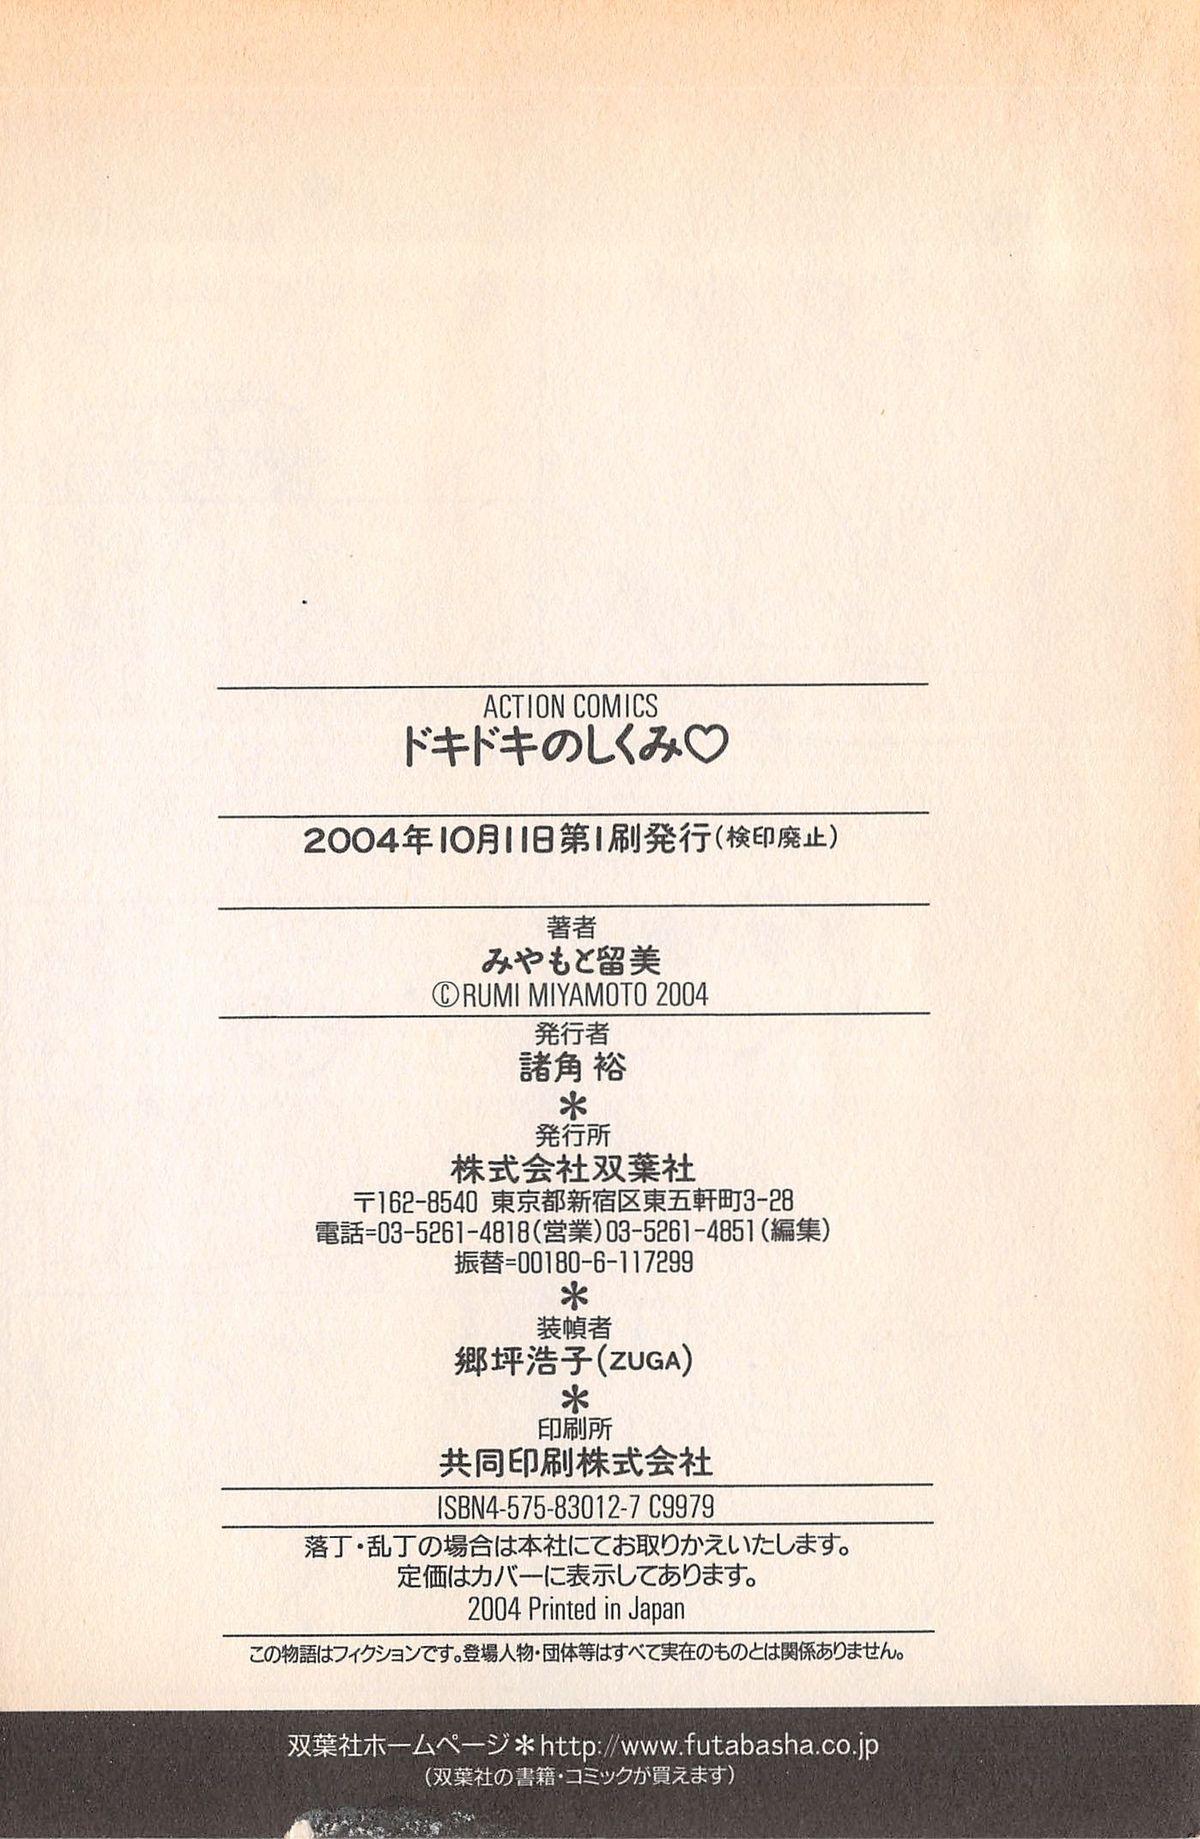 Doki Doki no Shikumi 203